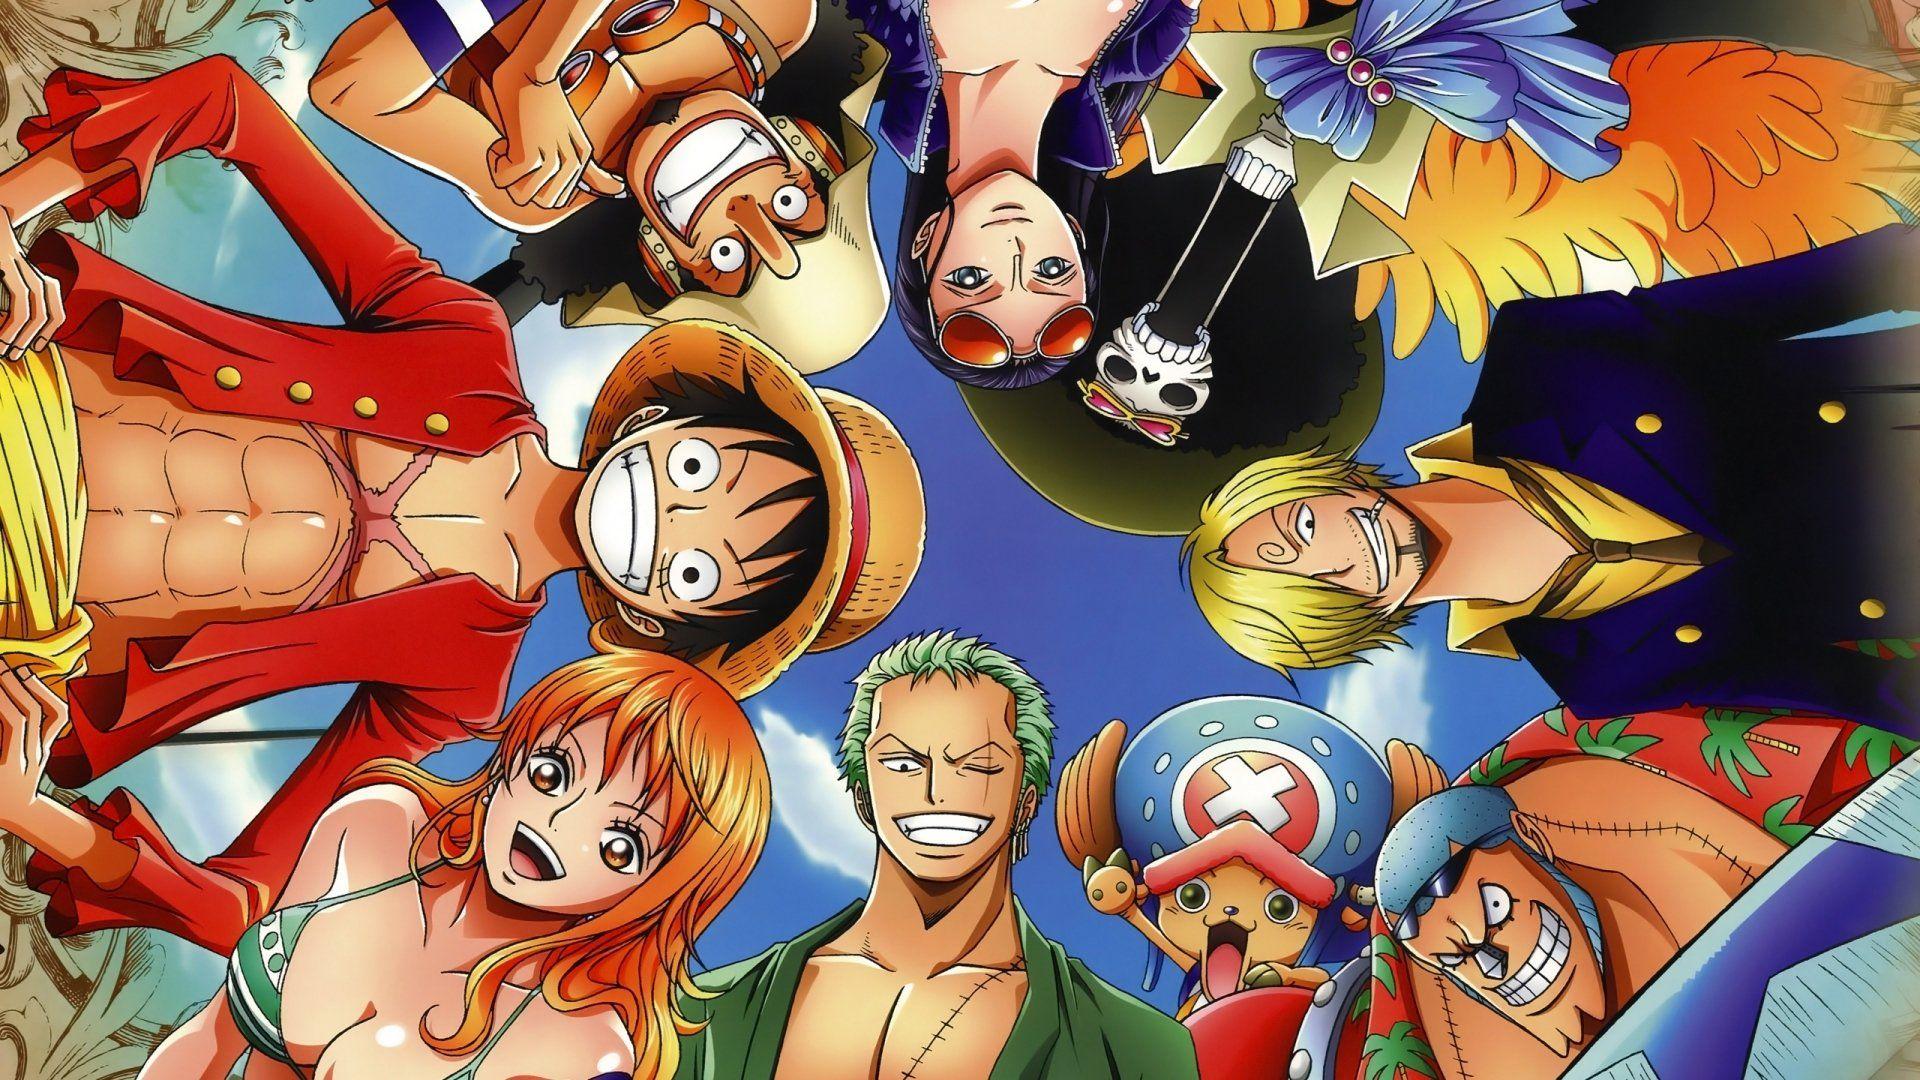 Anime One Piece Franky (One Piece) Nami (One Piece) Zoro Roronoa Tony Tony  Chopper Sanji (One Piece) Brook (One Piece) Nico Robin Usopp (One Piece)  Monkey ... 1c0acab95ab